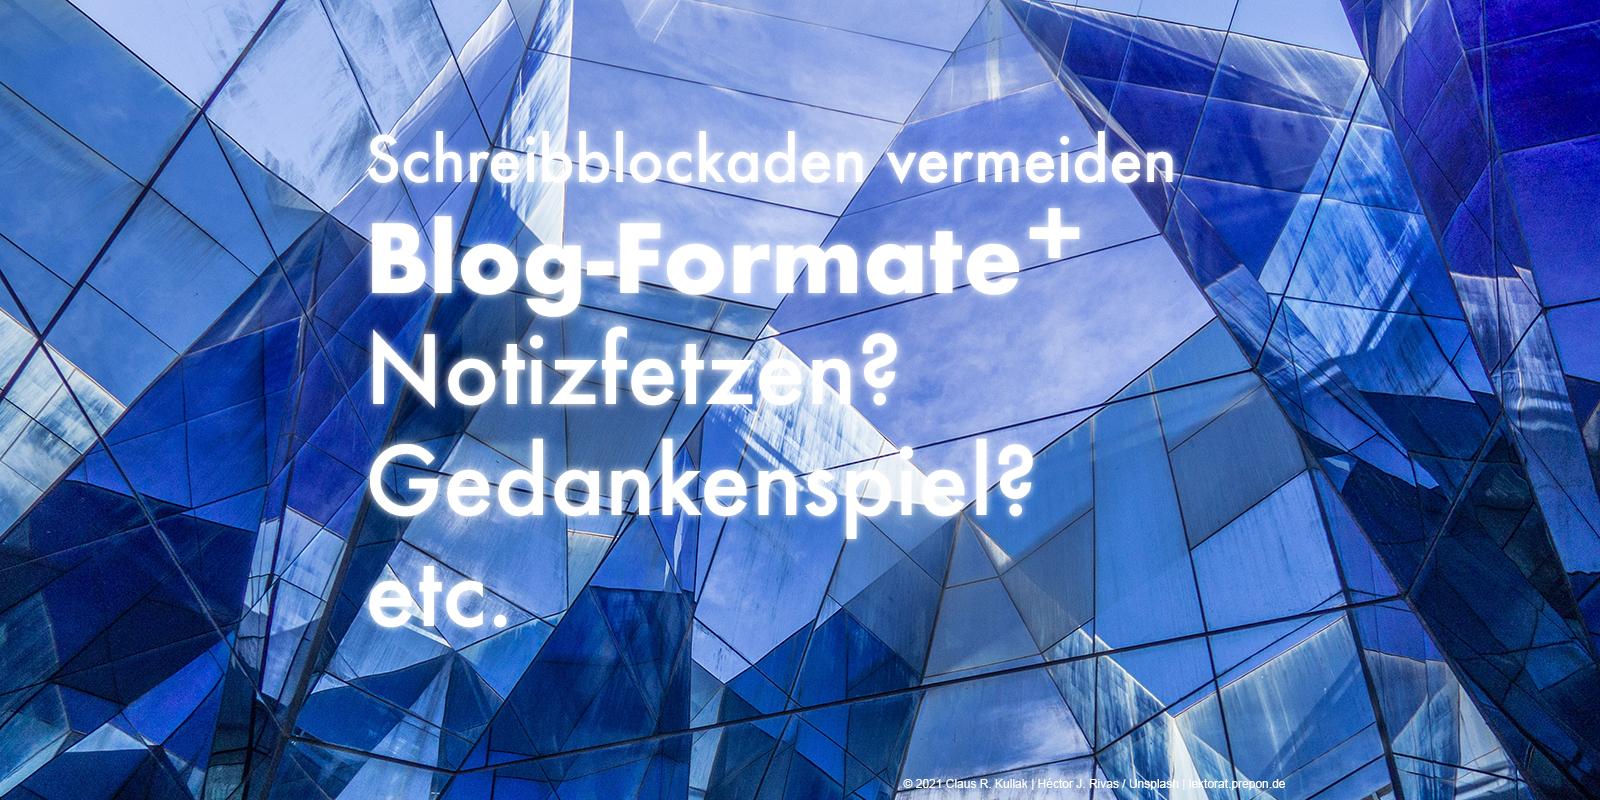 Blog-Formate gegen Standards, Perfektionismus und Schreibblockade | © 2021 Claus R. Kullak | Héctor J. Rivas / Unsplash | lektorat.prepon.de